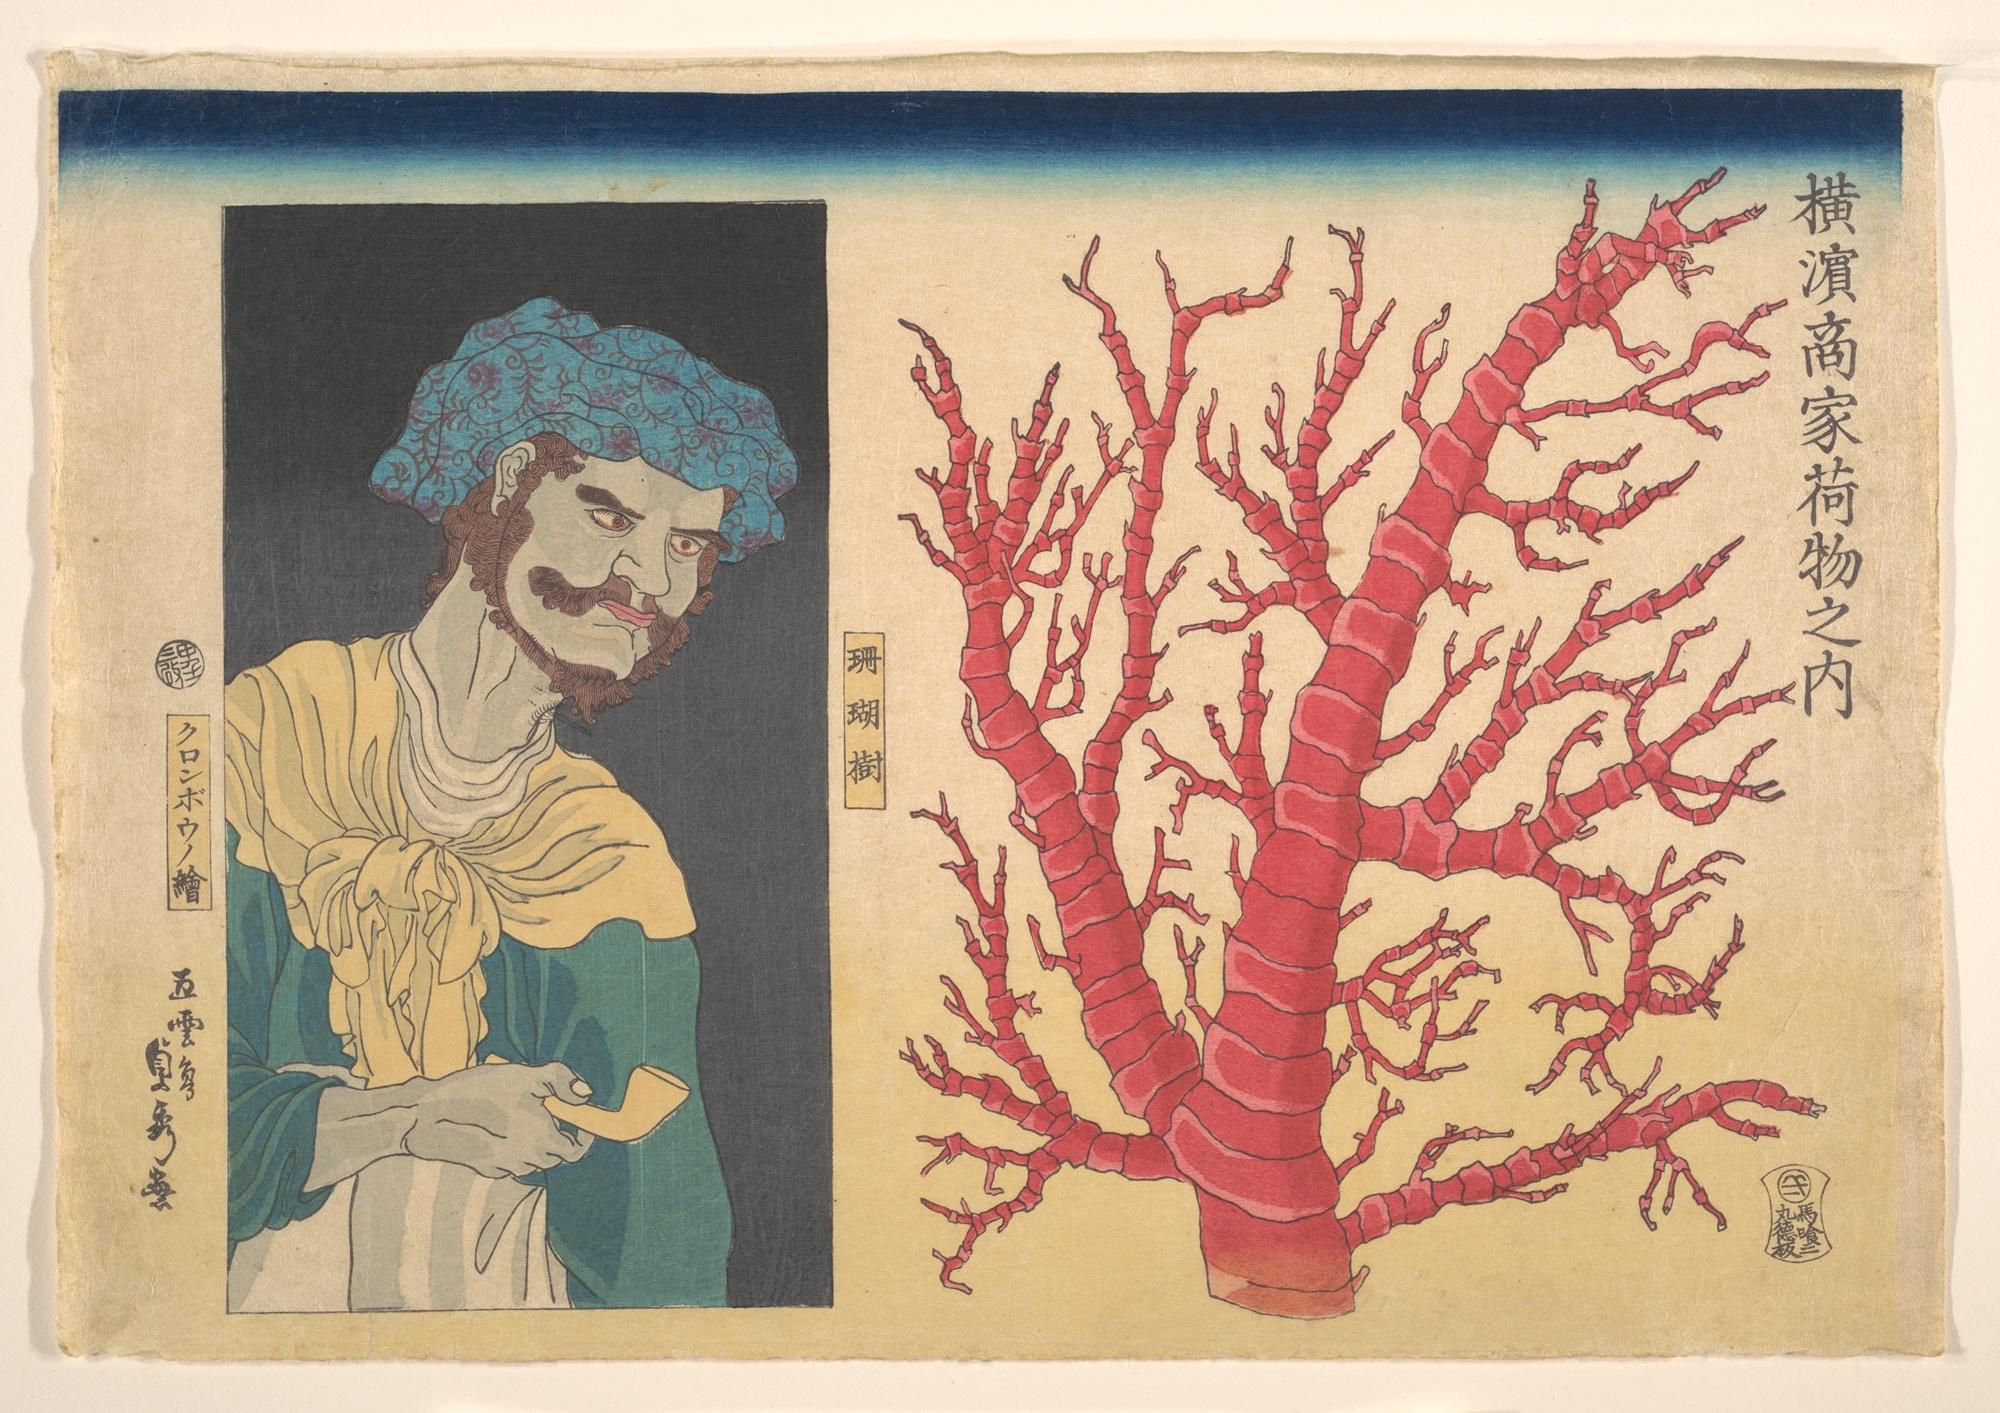 歌川貞秀 stick of coral and a portrait of south sea islander